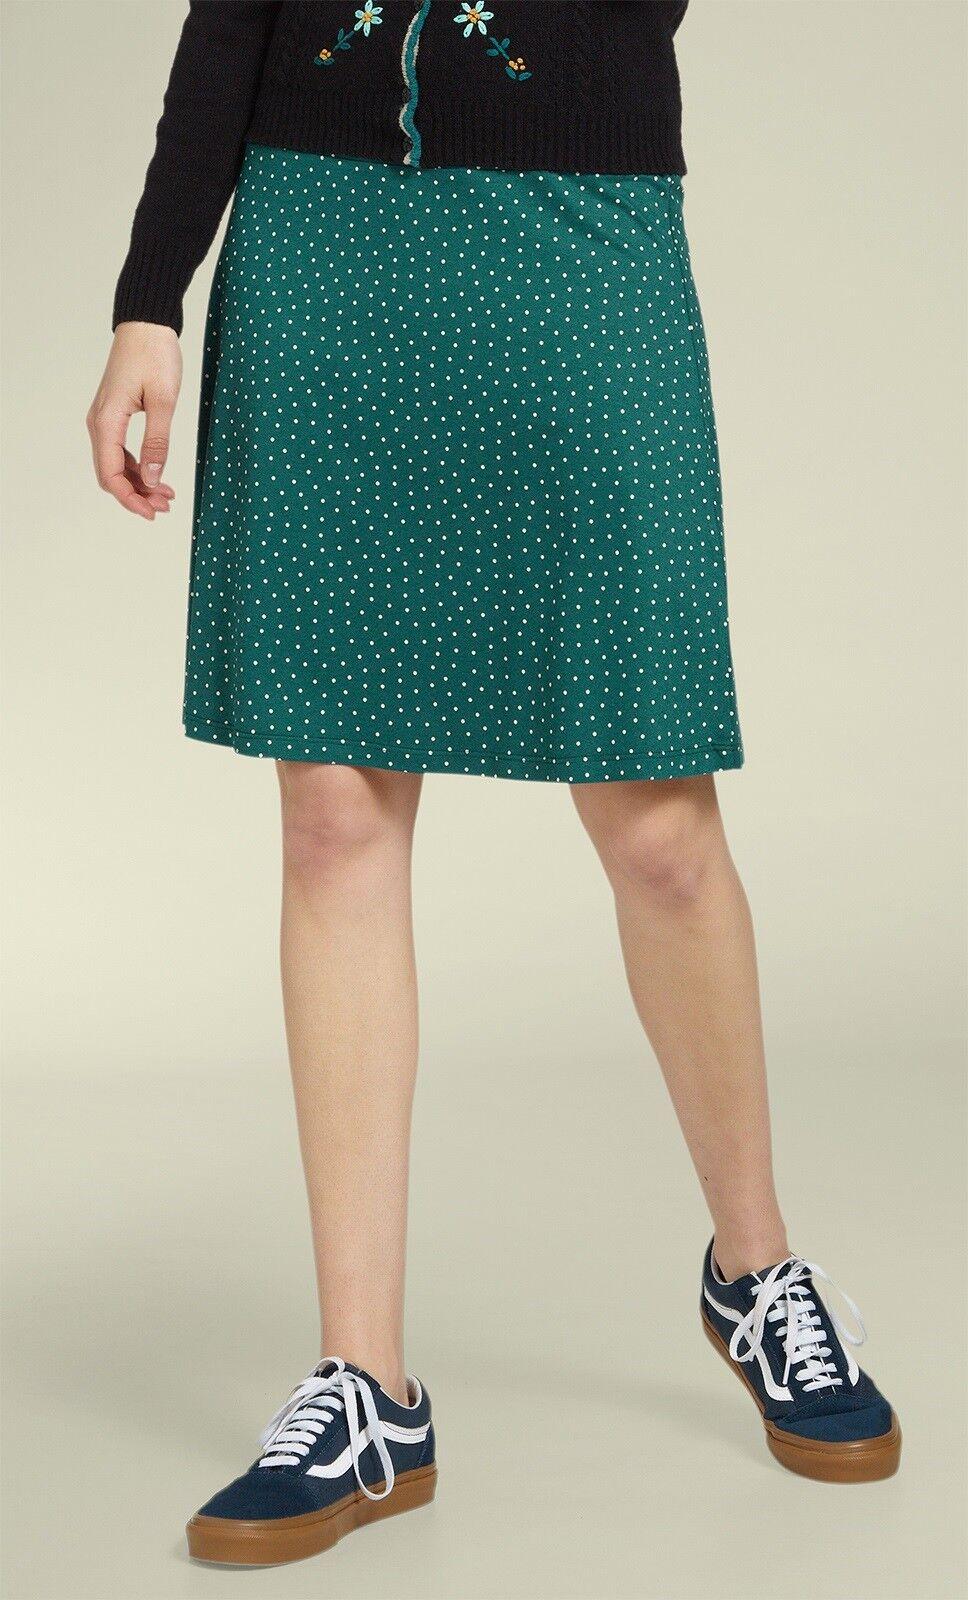 King Louie Skirt Dots Green Dragonfly Boarder-Skirt Little Dots Deep Sky 00513